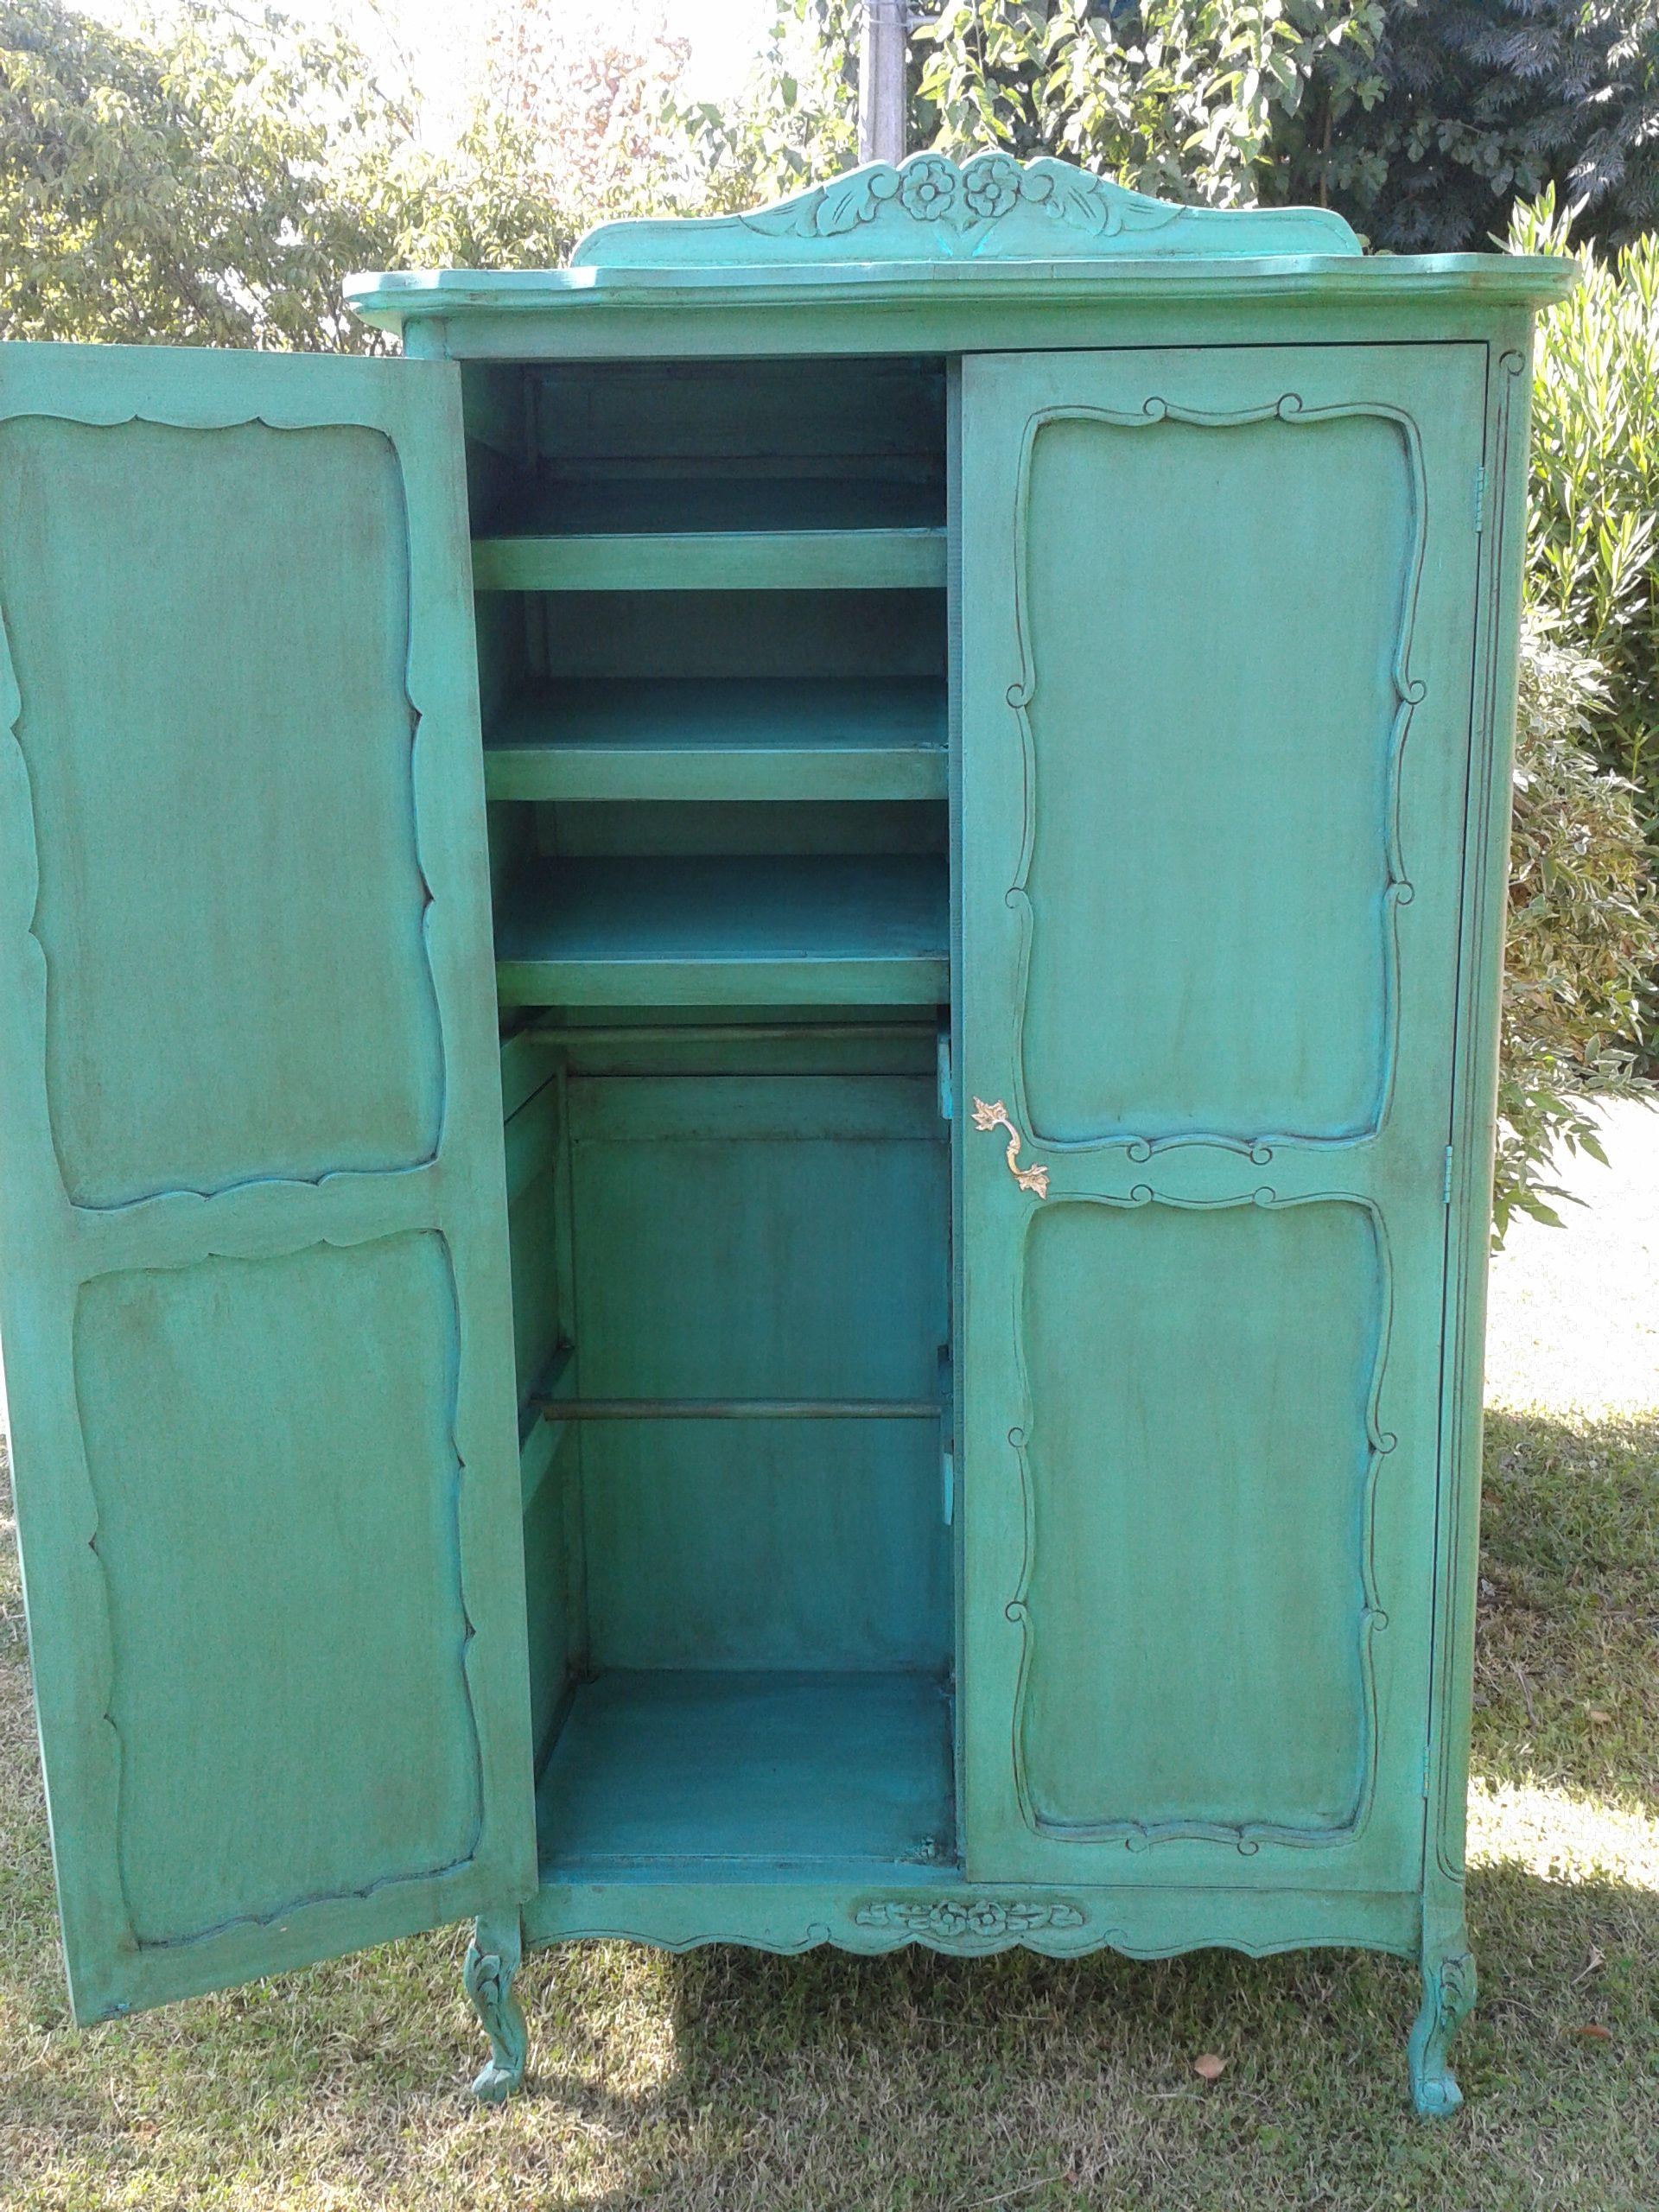 En decora muebles vas encontrar roperos a la venta con las - Venta muebles vintage ...